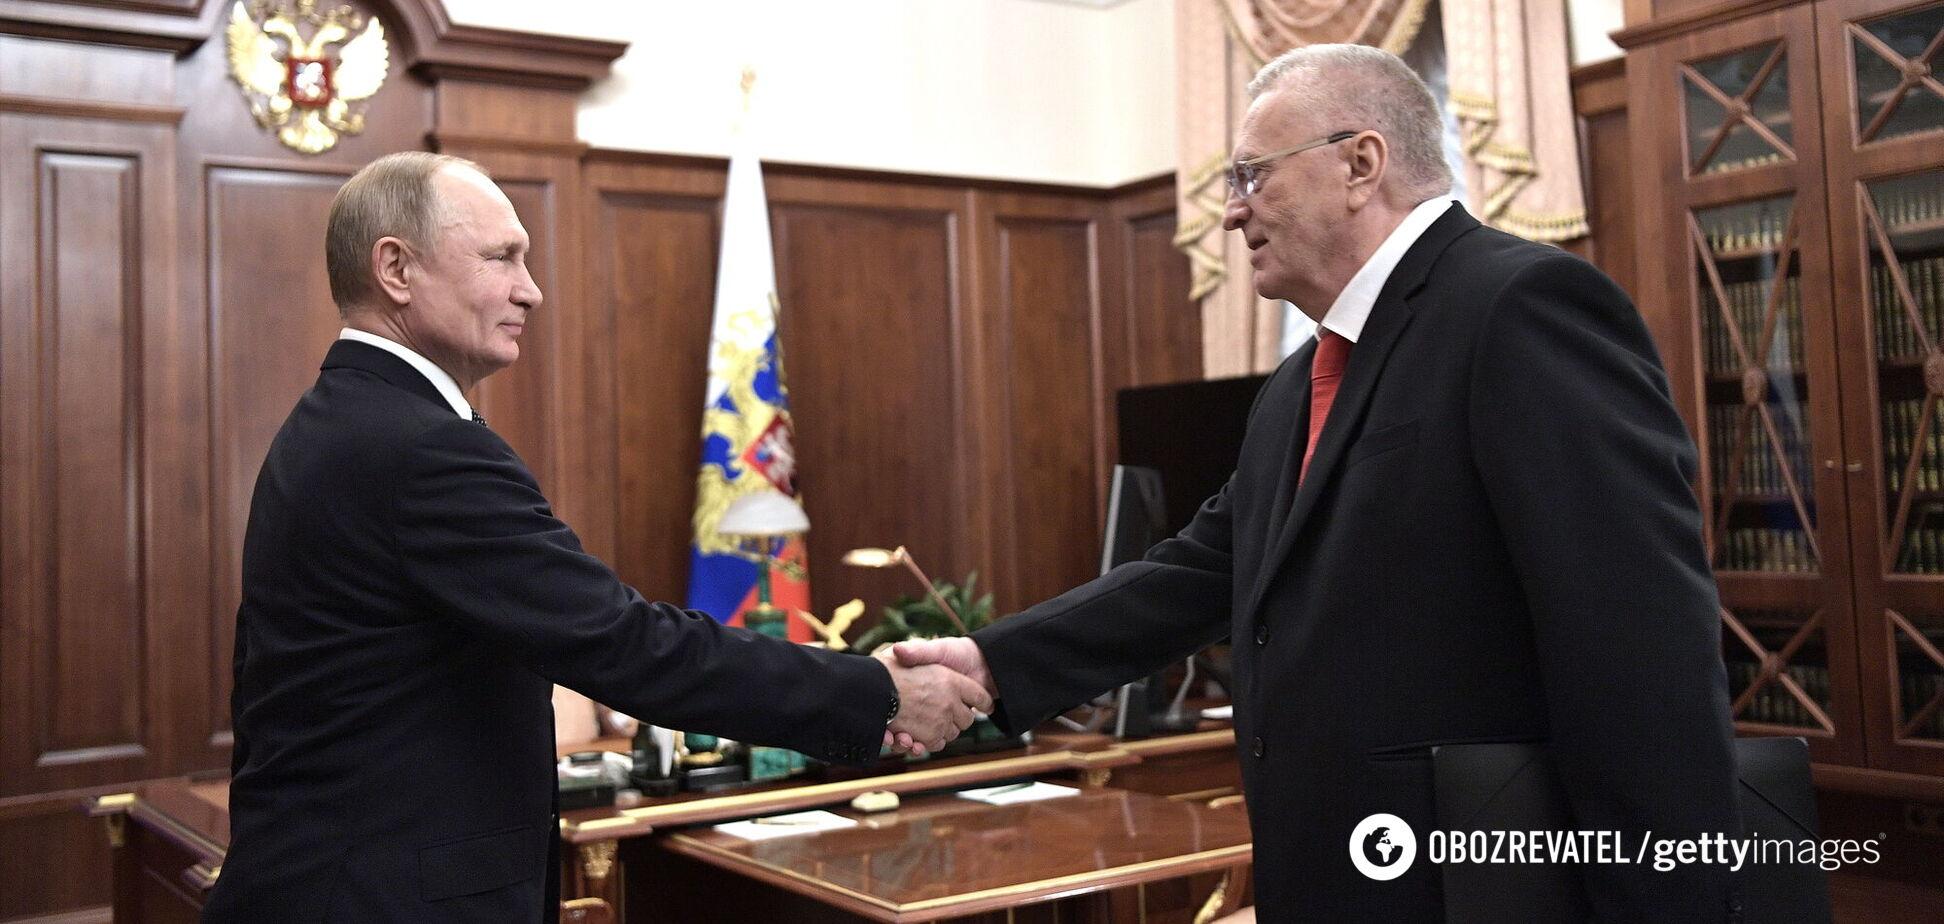 Путин наградил Жириновского орденом 'За заслуги' перед РФ